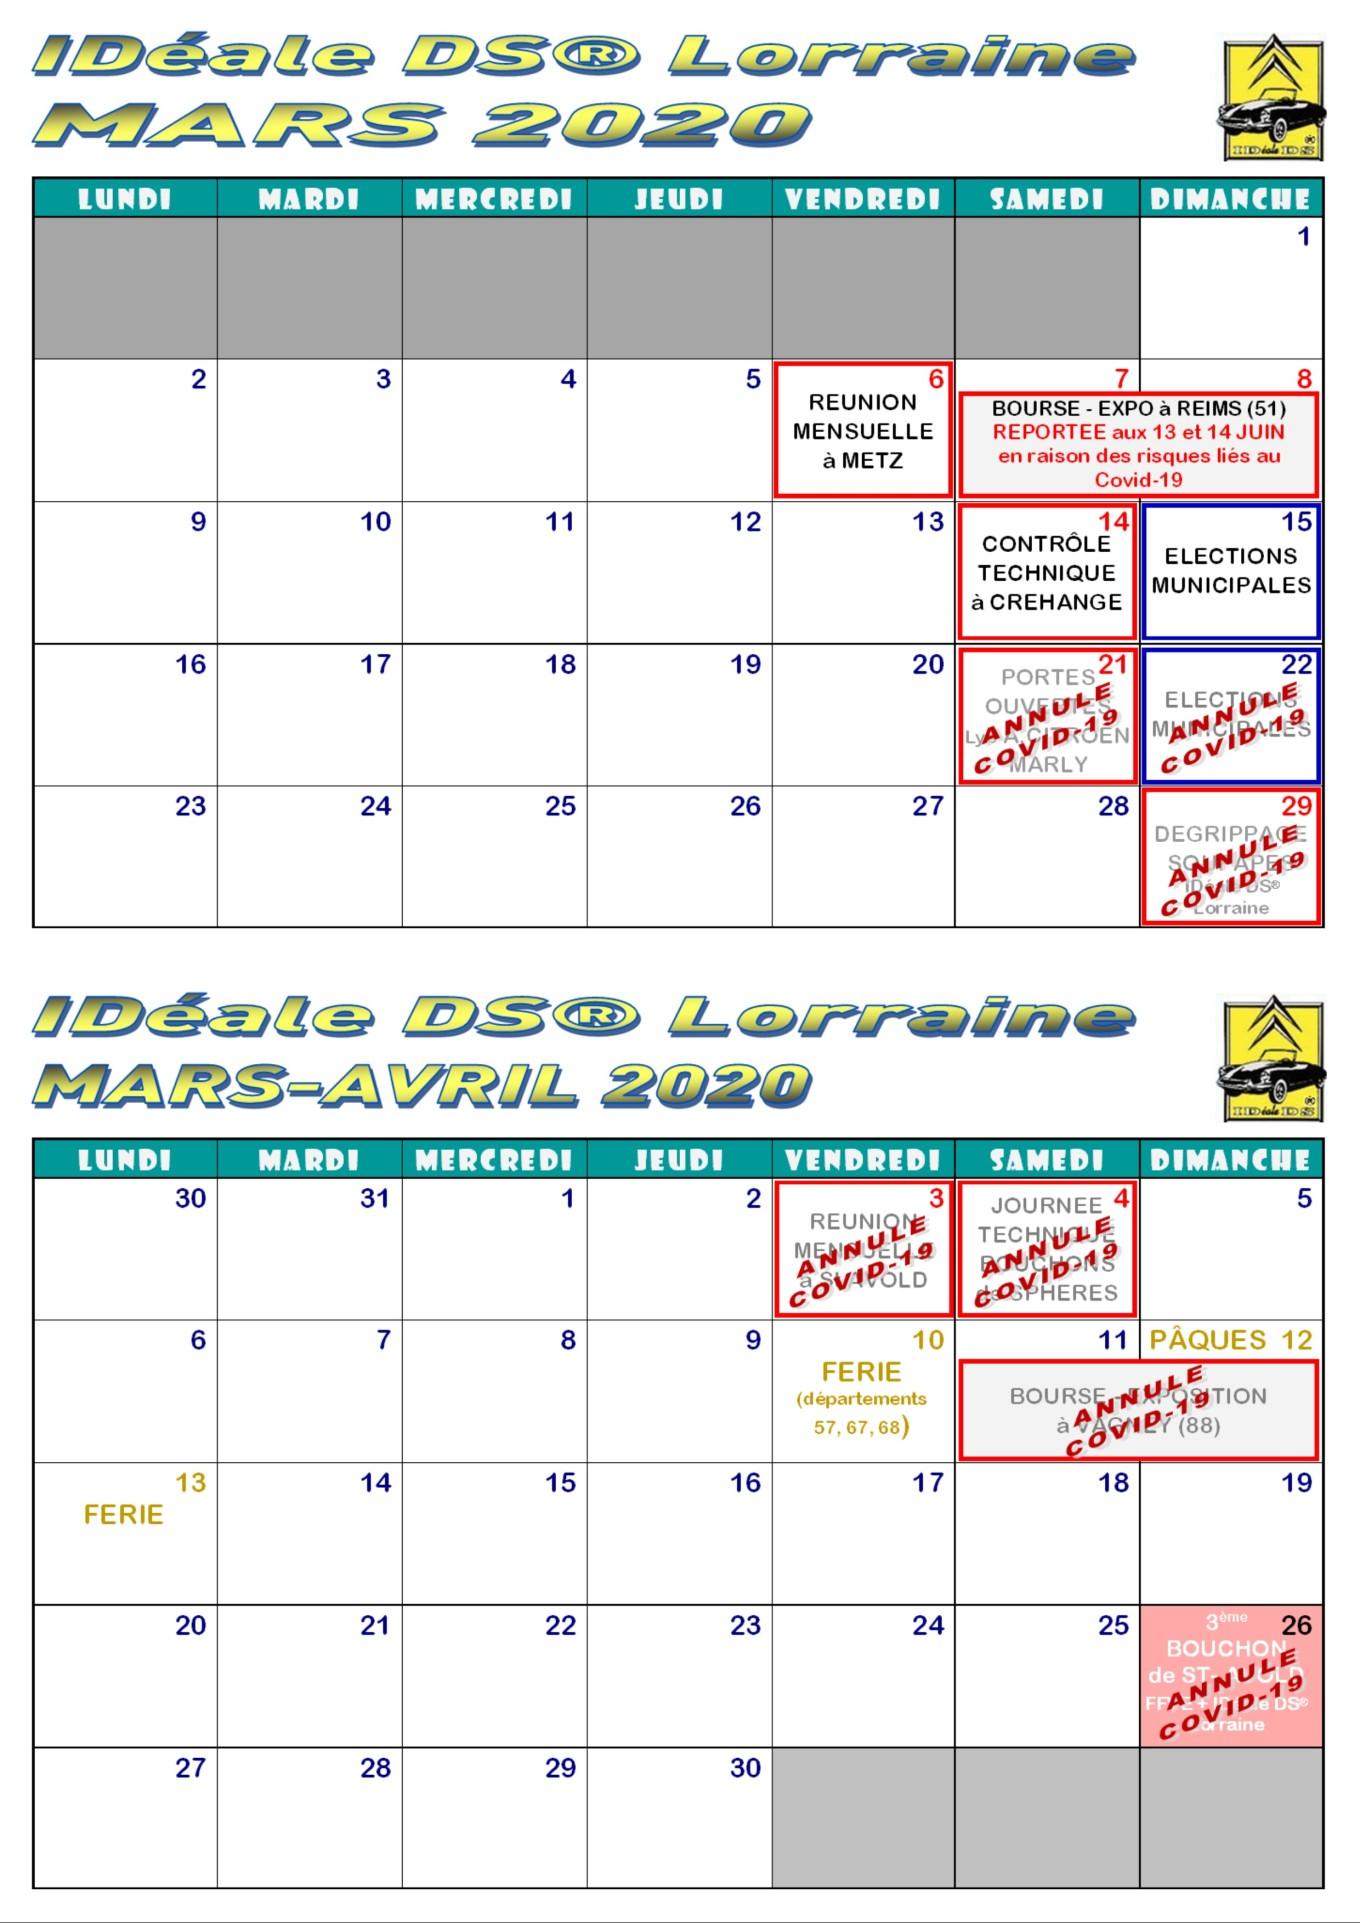 Agenda20_03-04-4